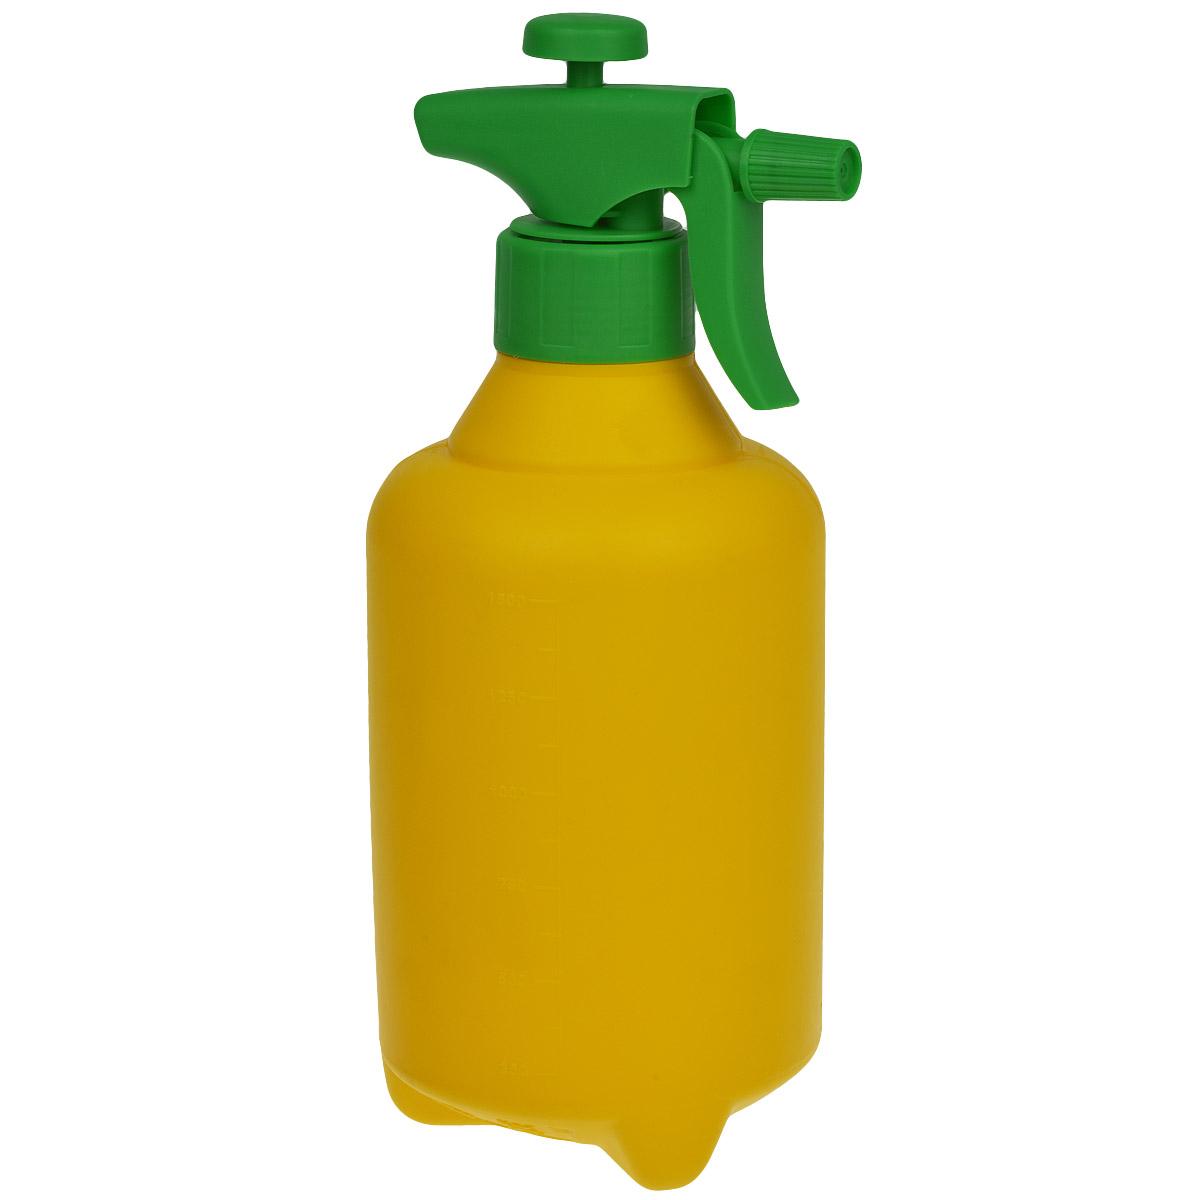 Опрыскиватель помповый Альтернатива, цвет: желтый, зеленый, 1,5 лGWOJ12-043Помповый опрыскиватель Альтернатива предназначен не только для опрыскивания растений жидкими удобрениями, но и для побелки известью деревьев. Опрыскиватель легок в использовании. При нажатии на специальный рычаг раствор распыляется. Такой опрыскиватель станет незаменимым помощником на вашем садовом участке.